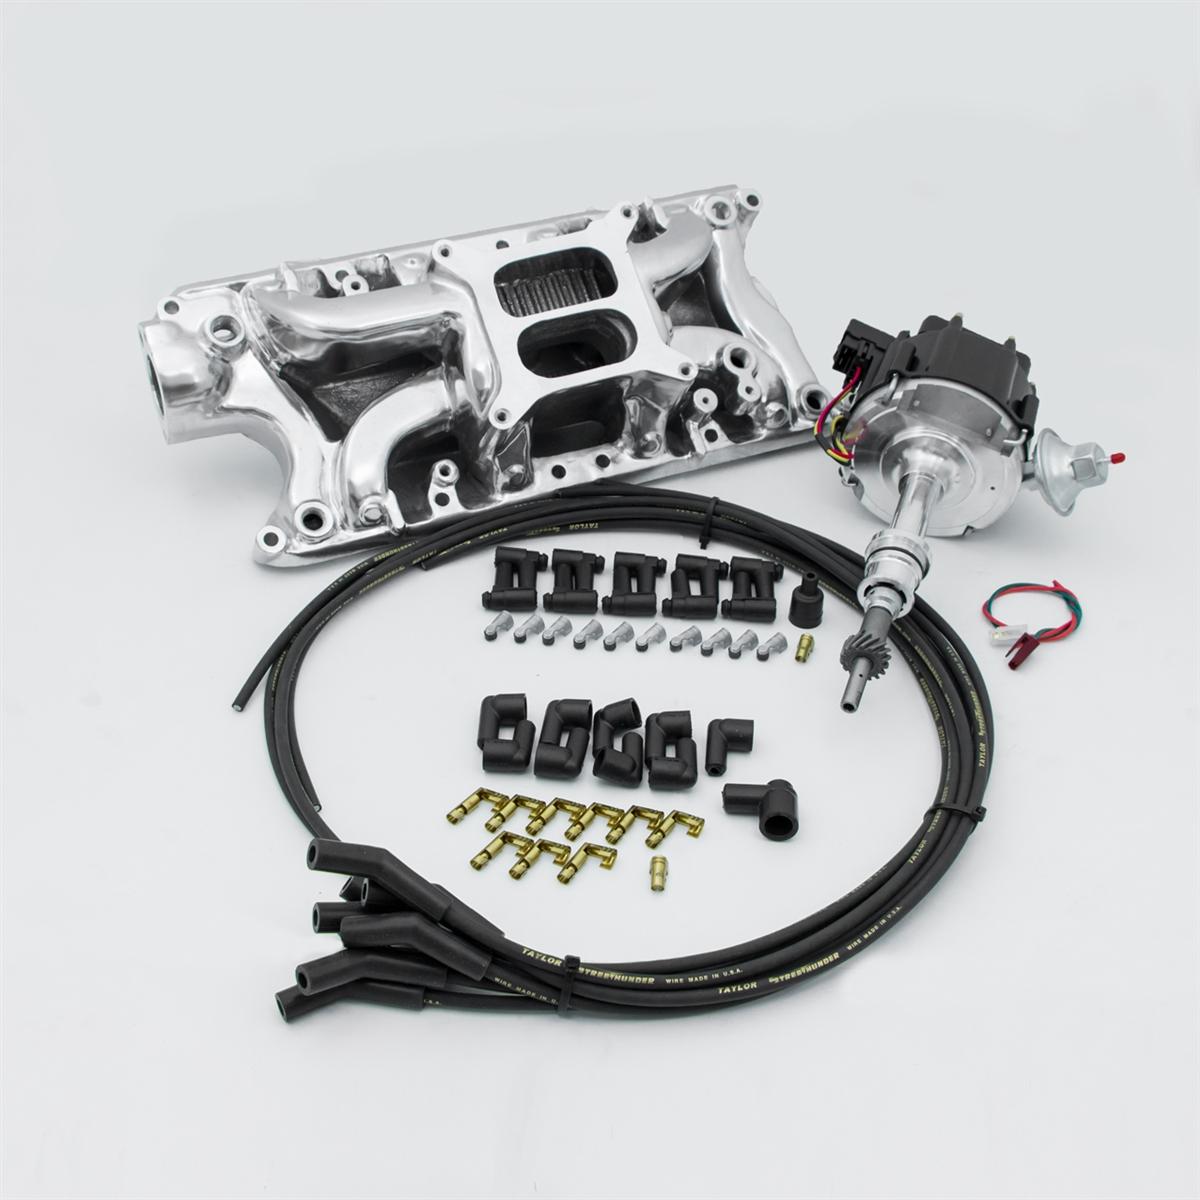 Ford Mustang 5 0 Liter Cid 302 Conversion Kit Efi To Carb Intake Distributor